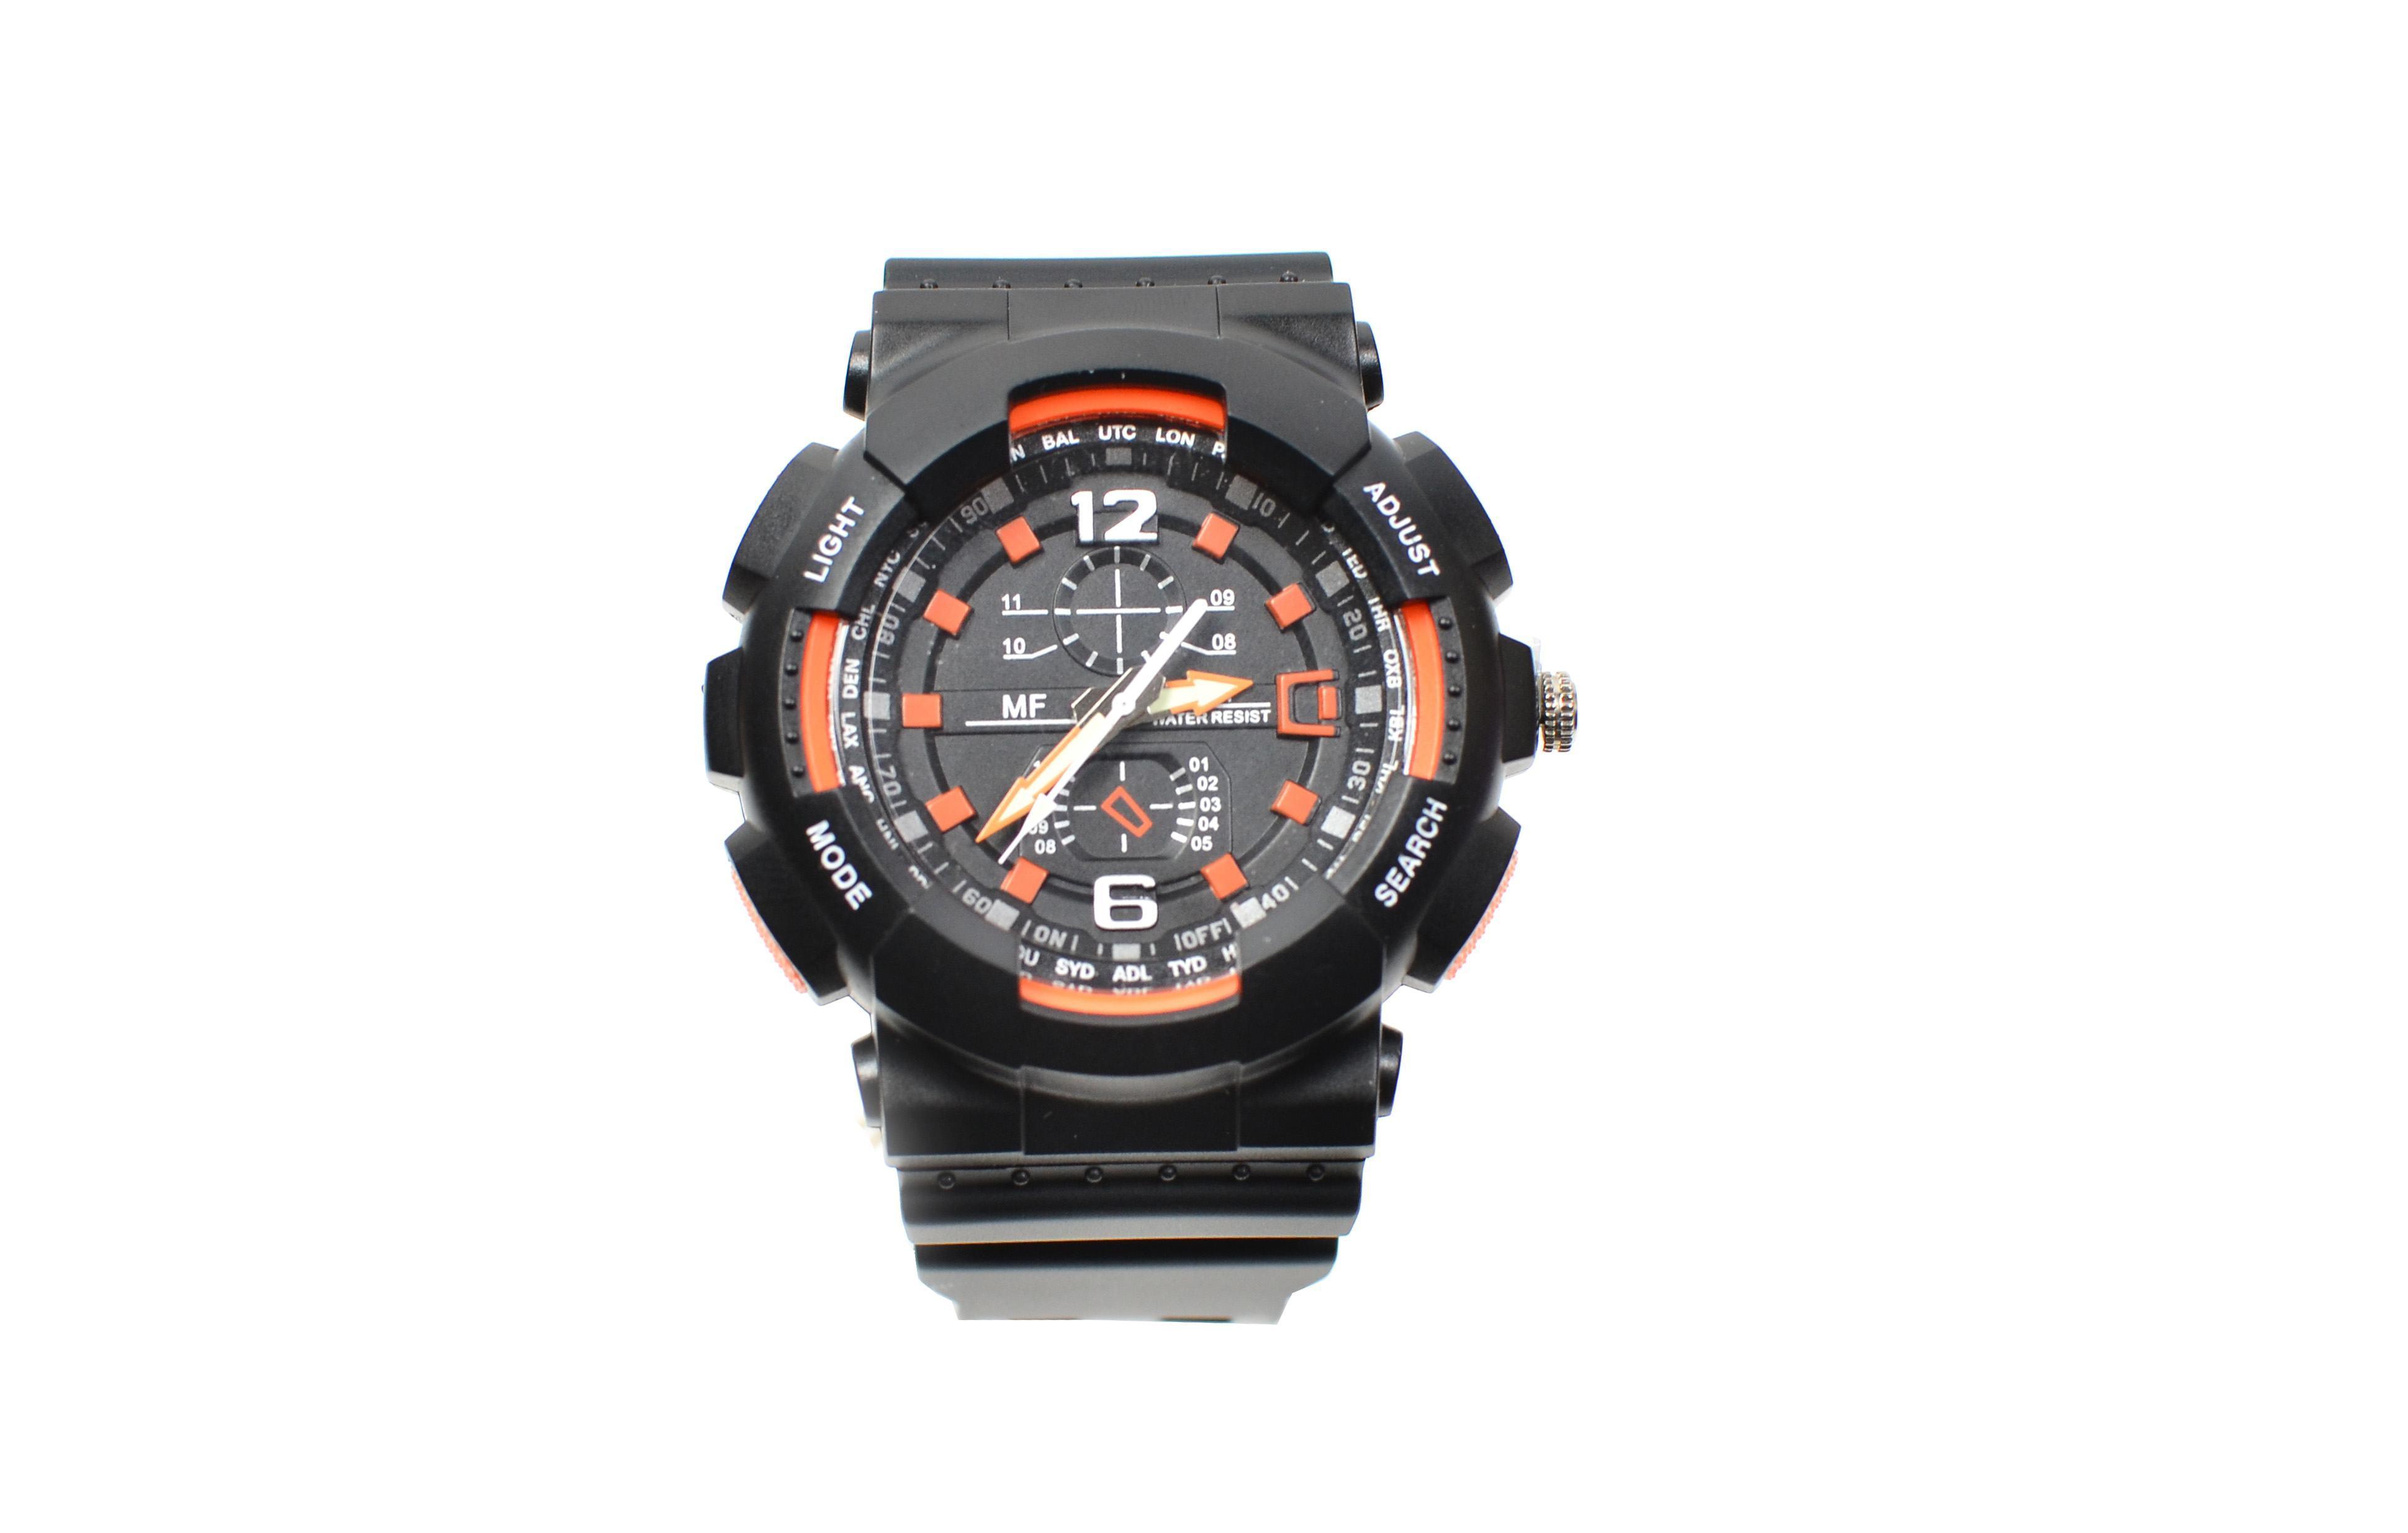 Ceas de mana barbati sport, negru cu portocaliu - MF9001Q